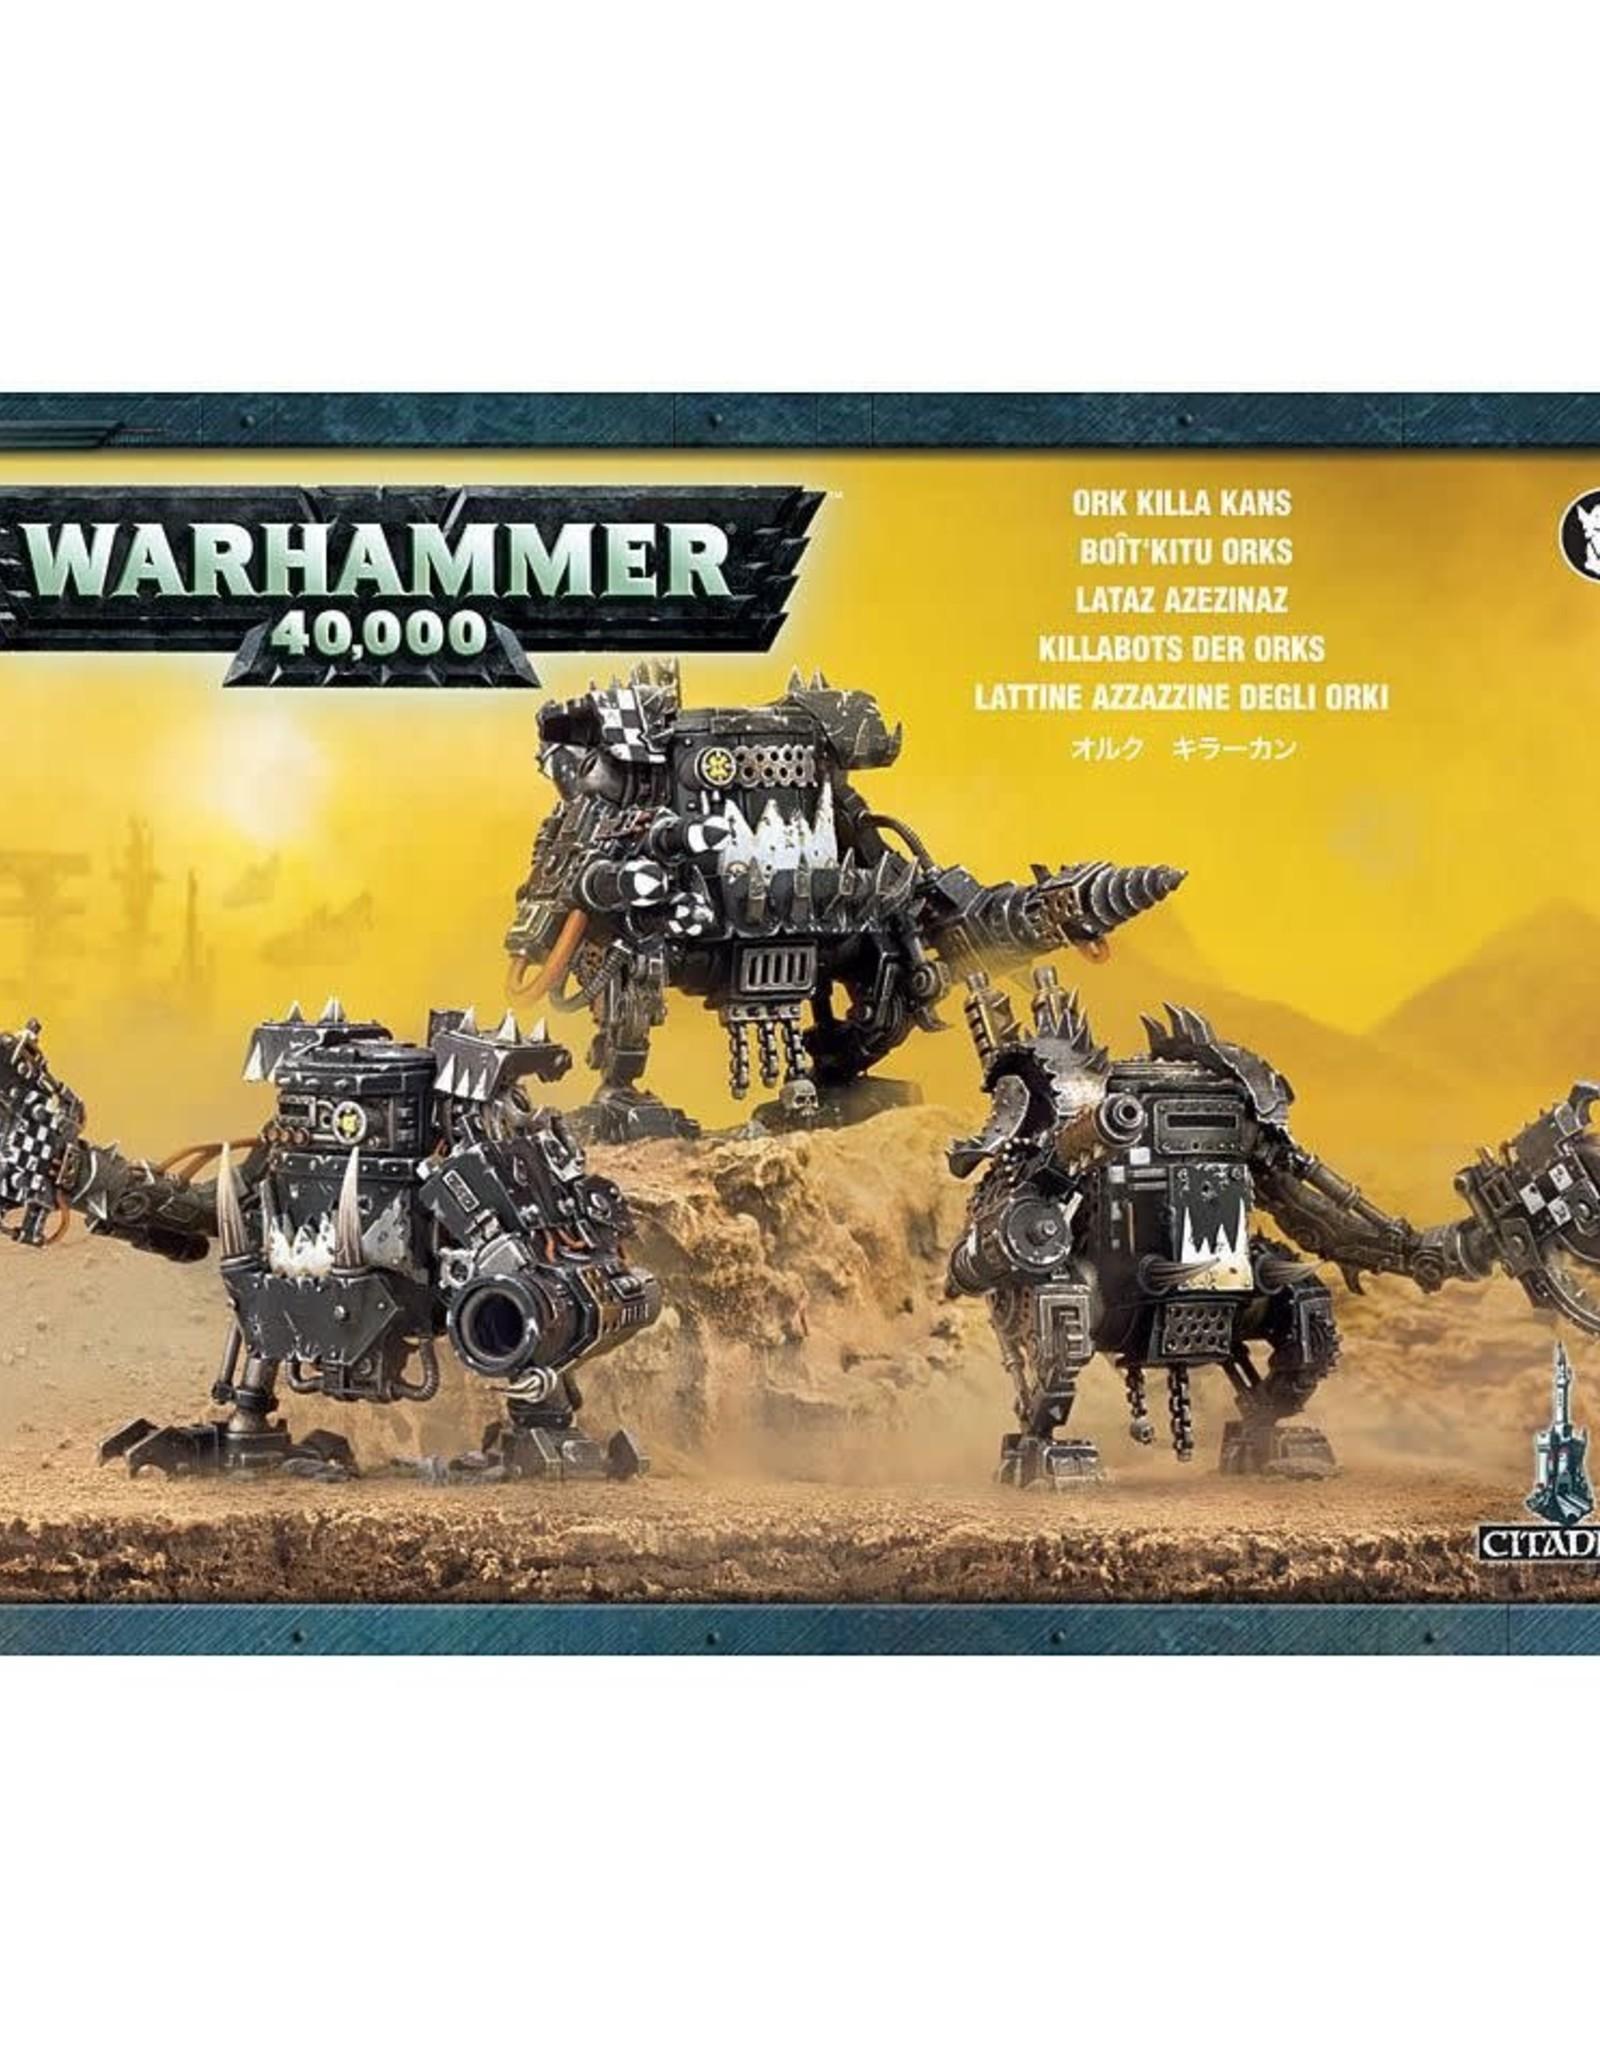 Warhammer 40K Ork Killa Kans